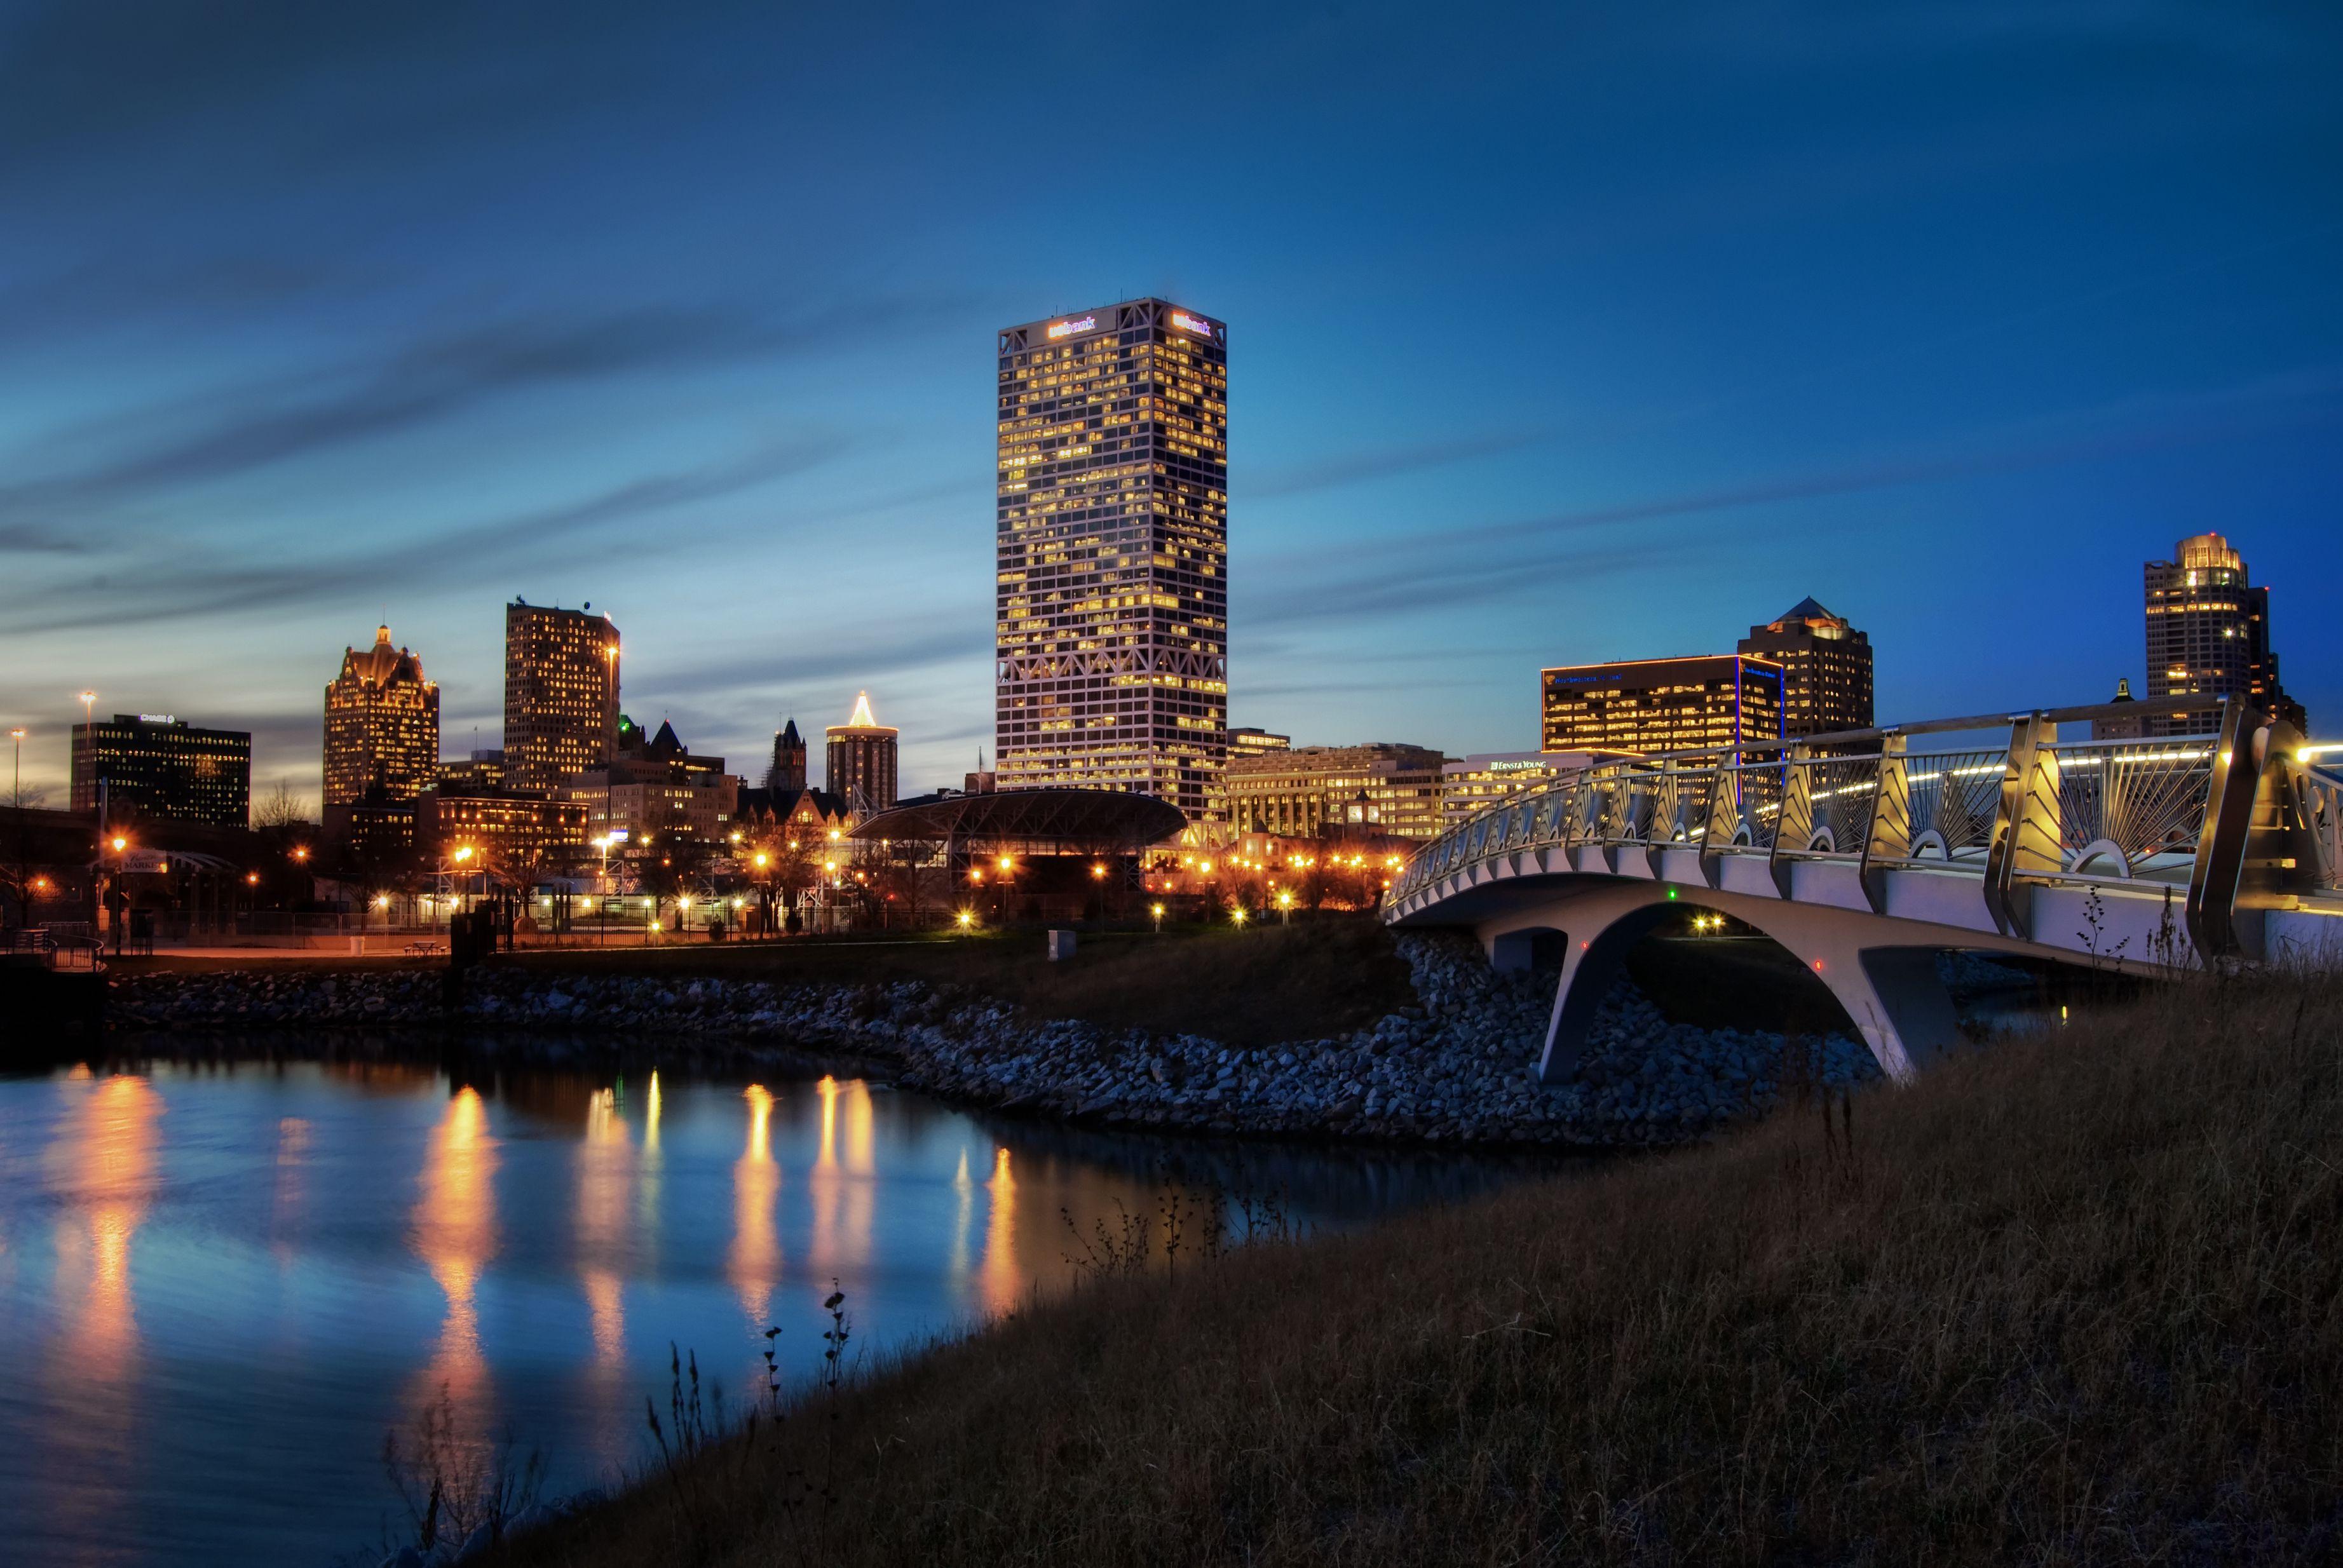 Michigan mesto datovania rýchlosť datovania neďaleko Cleveland Ohio